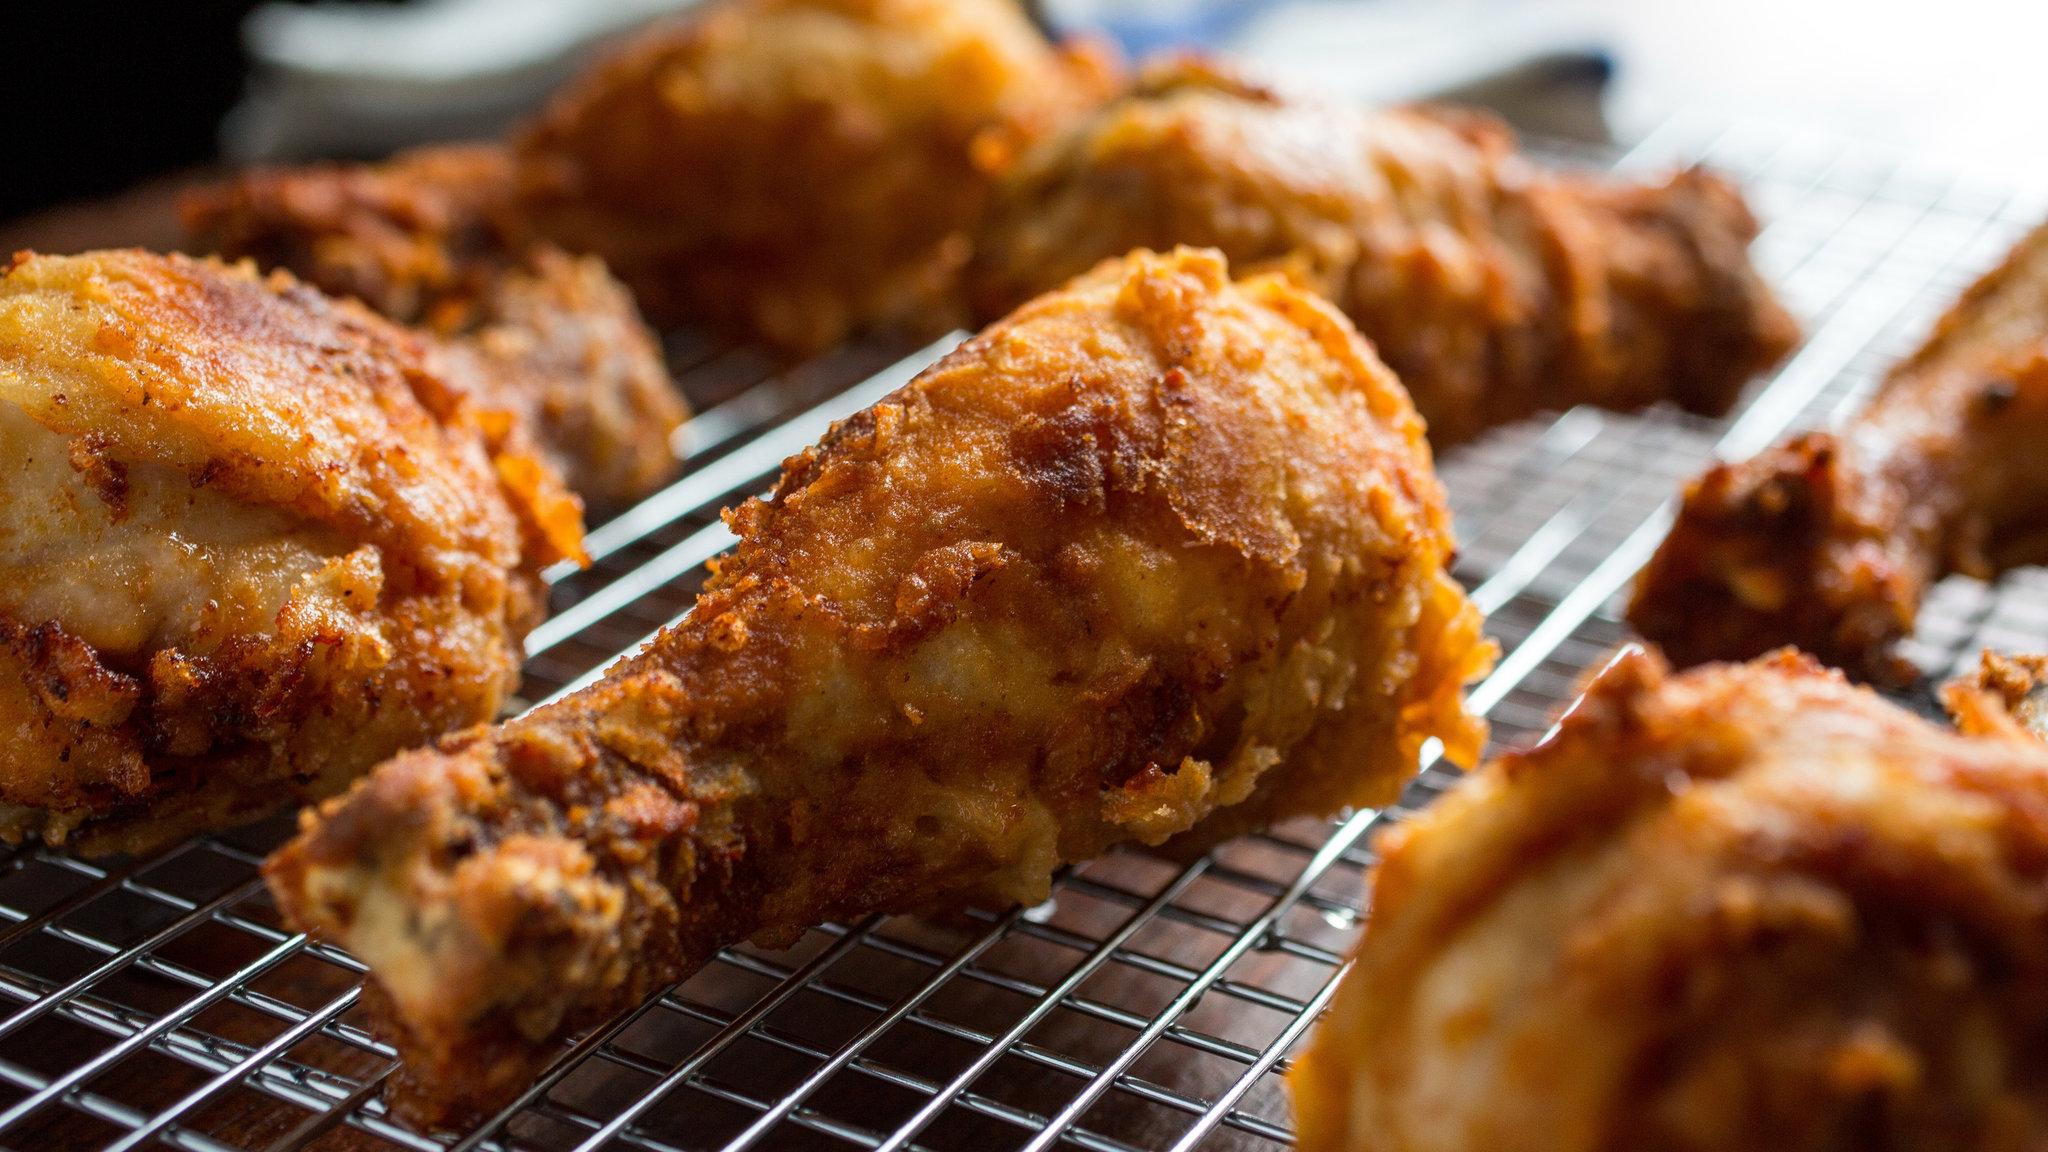 Fried Chicken Widescreen